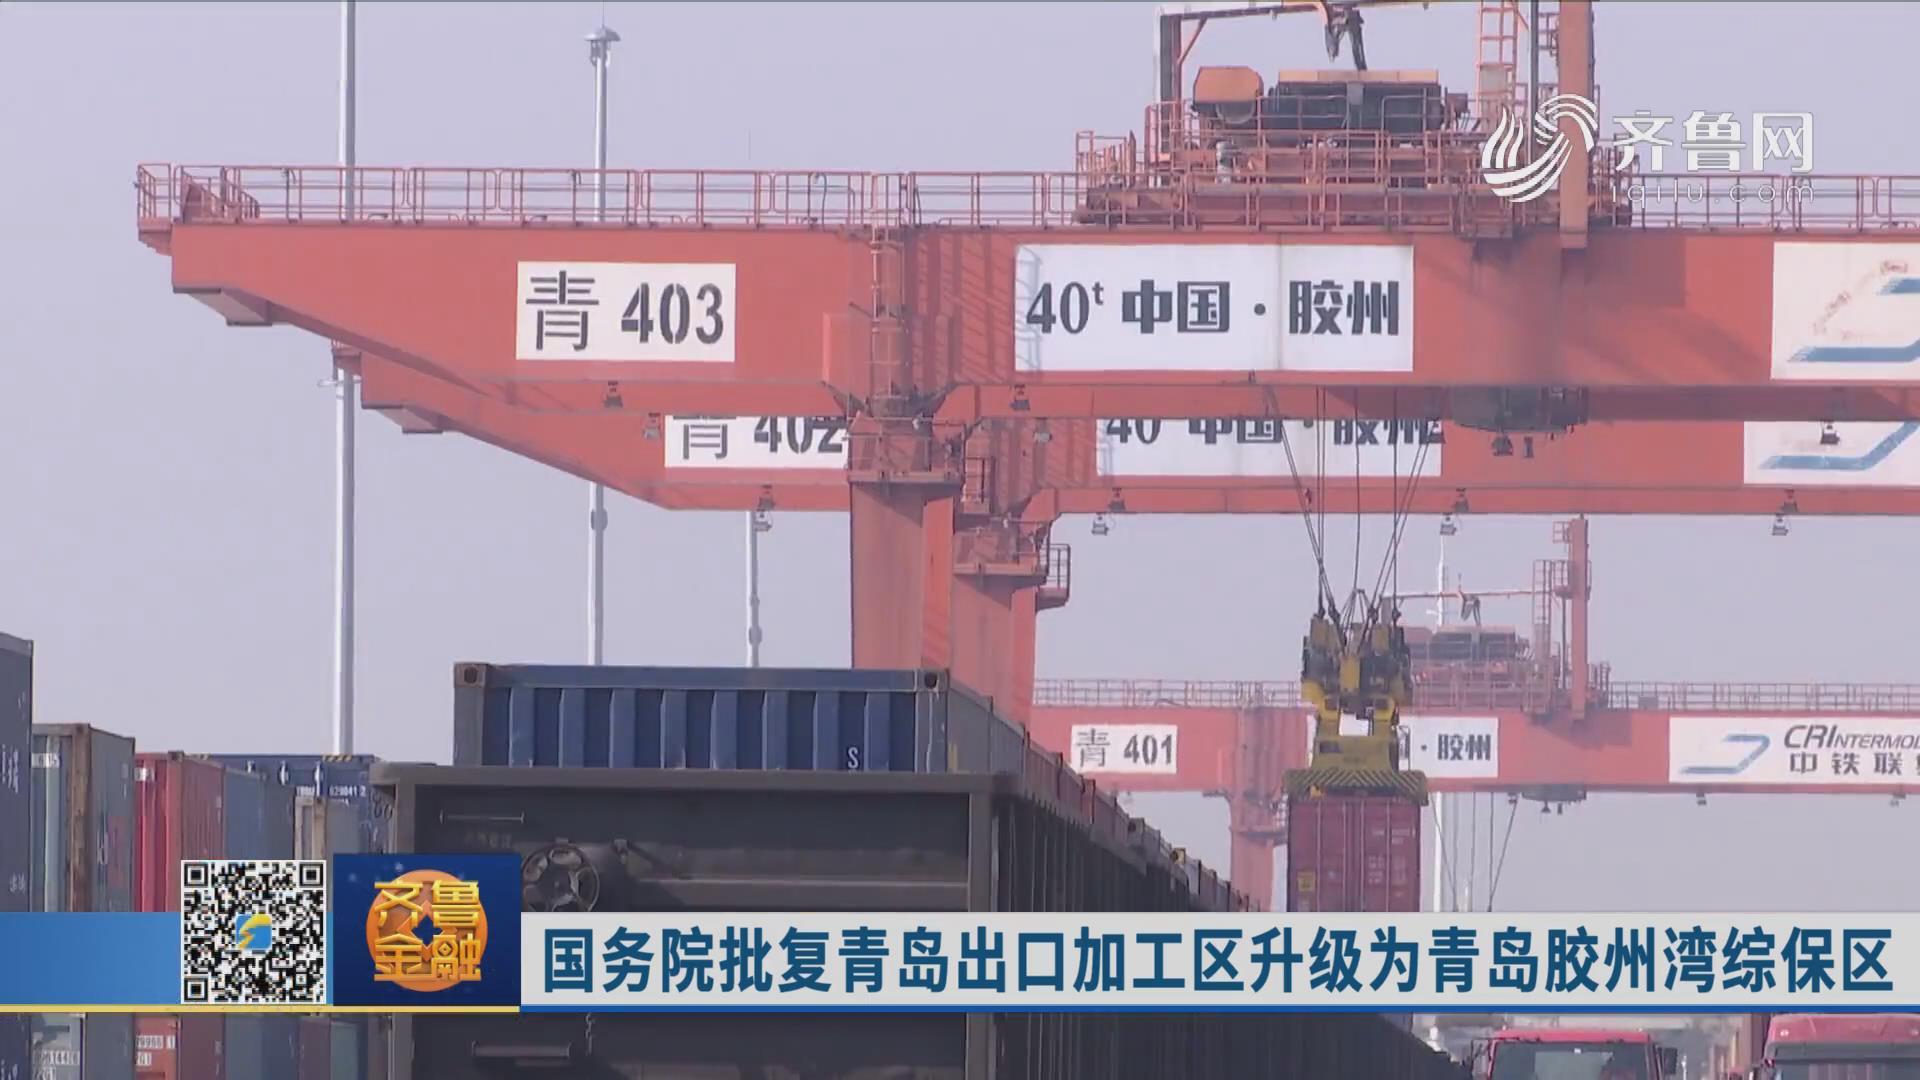 《齐鲁金融》10-30:国务院批复青岛出口加工区升级为青岛胶州湾综保区